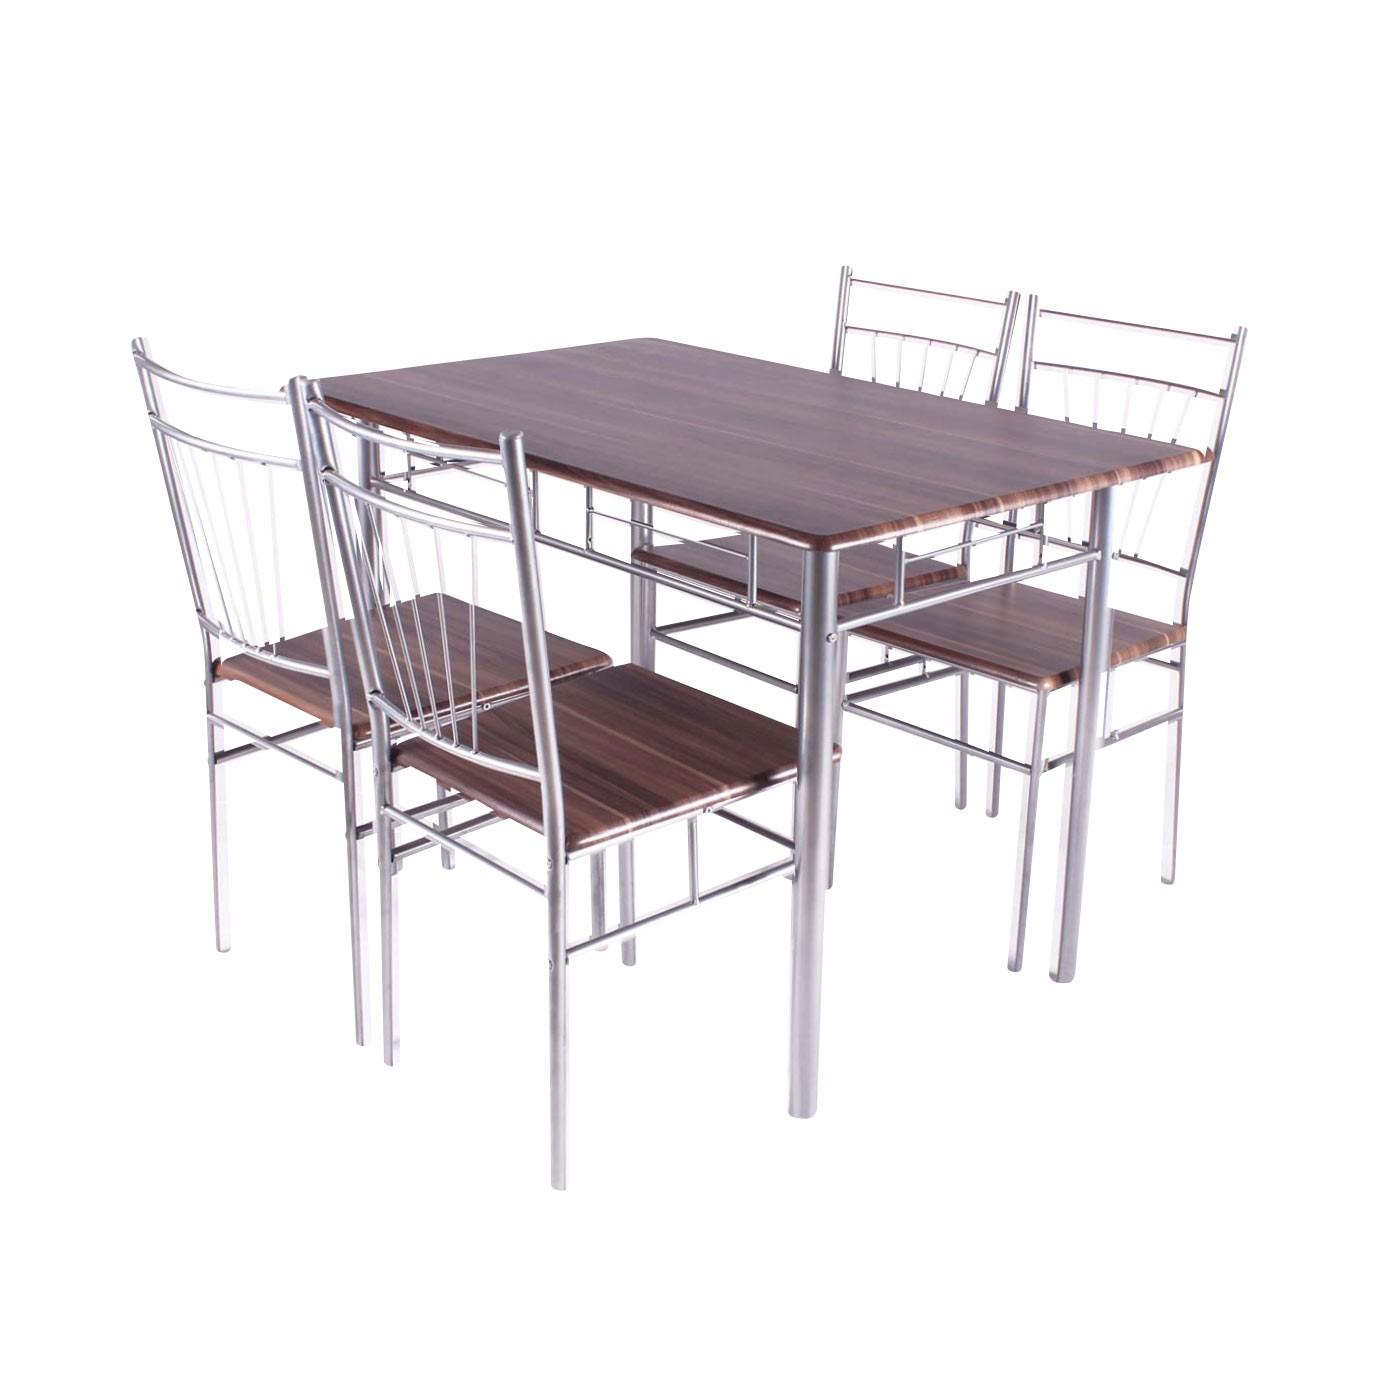 Dedeman set masa fixa cu 4 scaune bucatarie aa0210 maro for Masa cu scaune dedeman